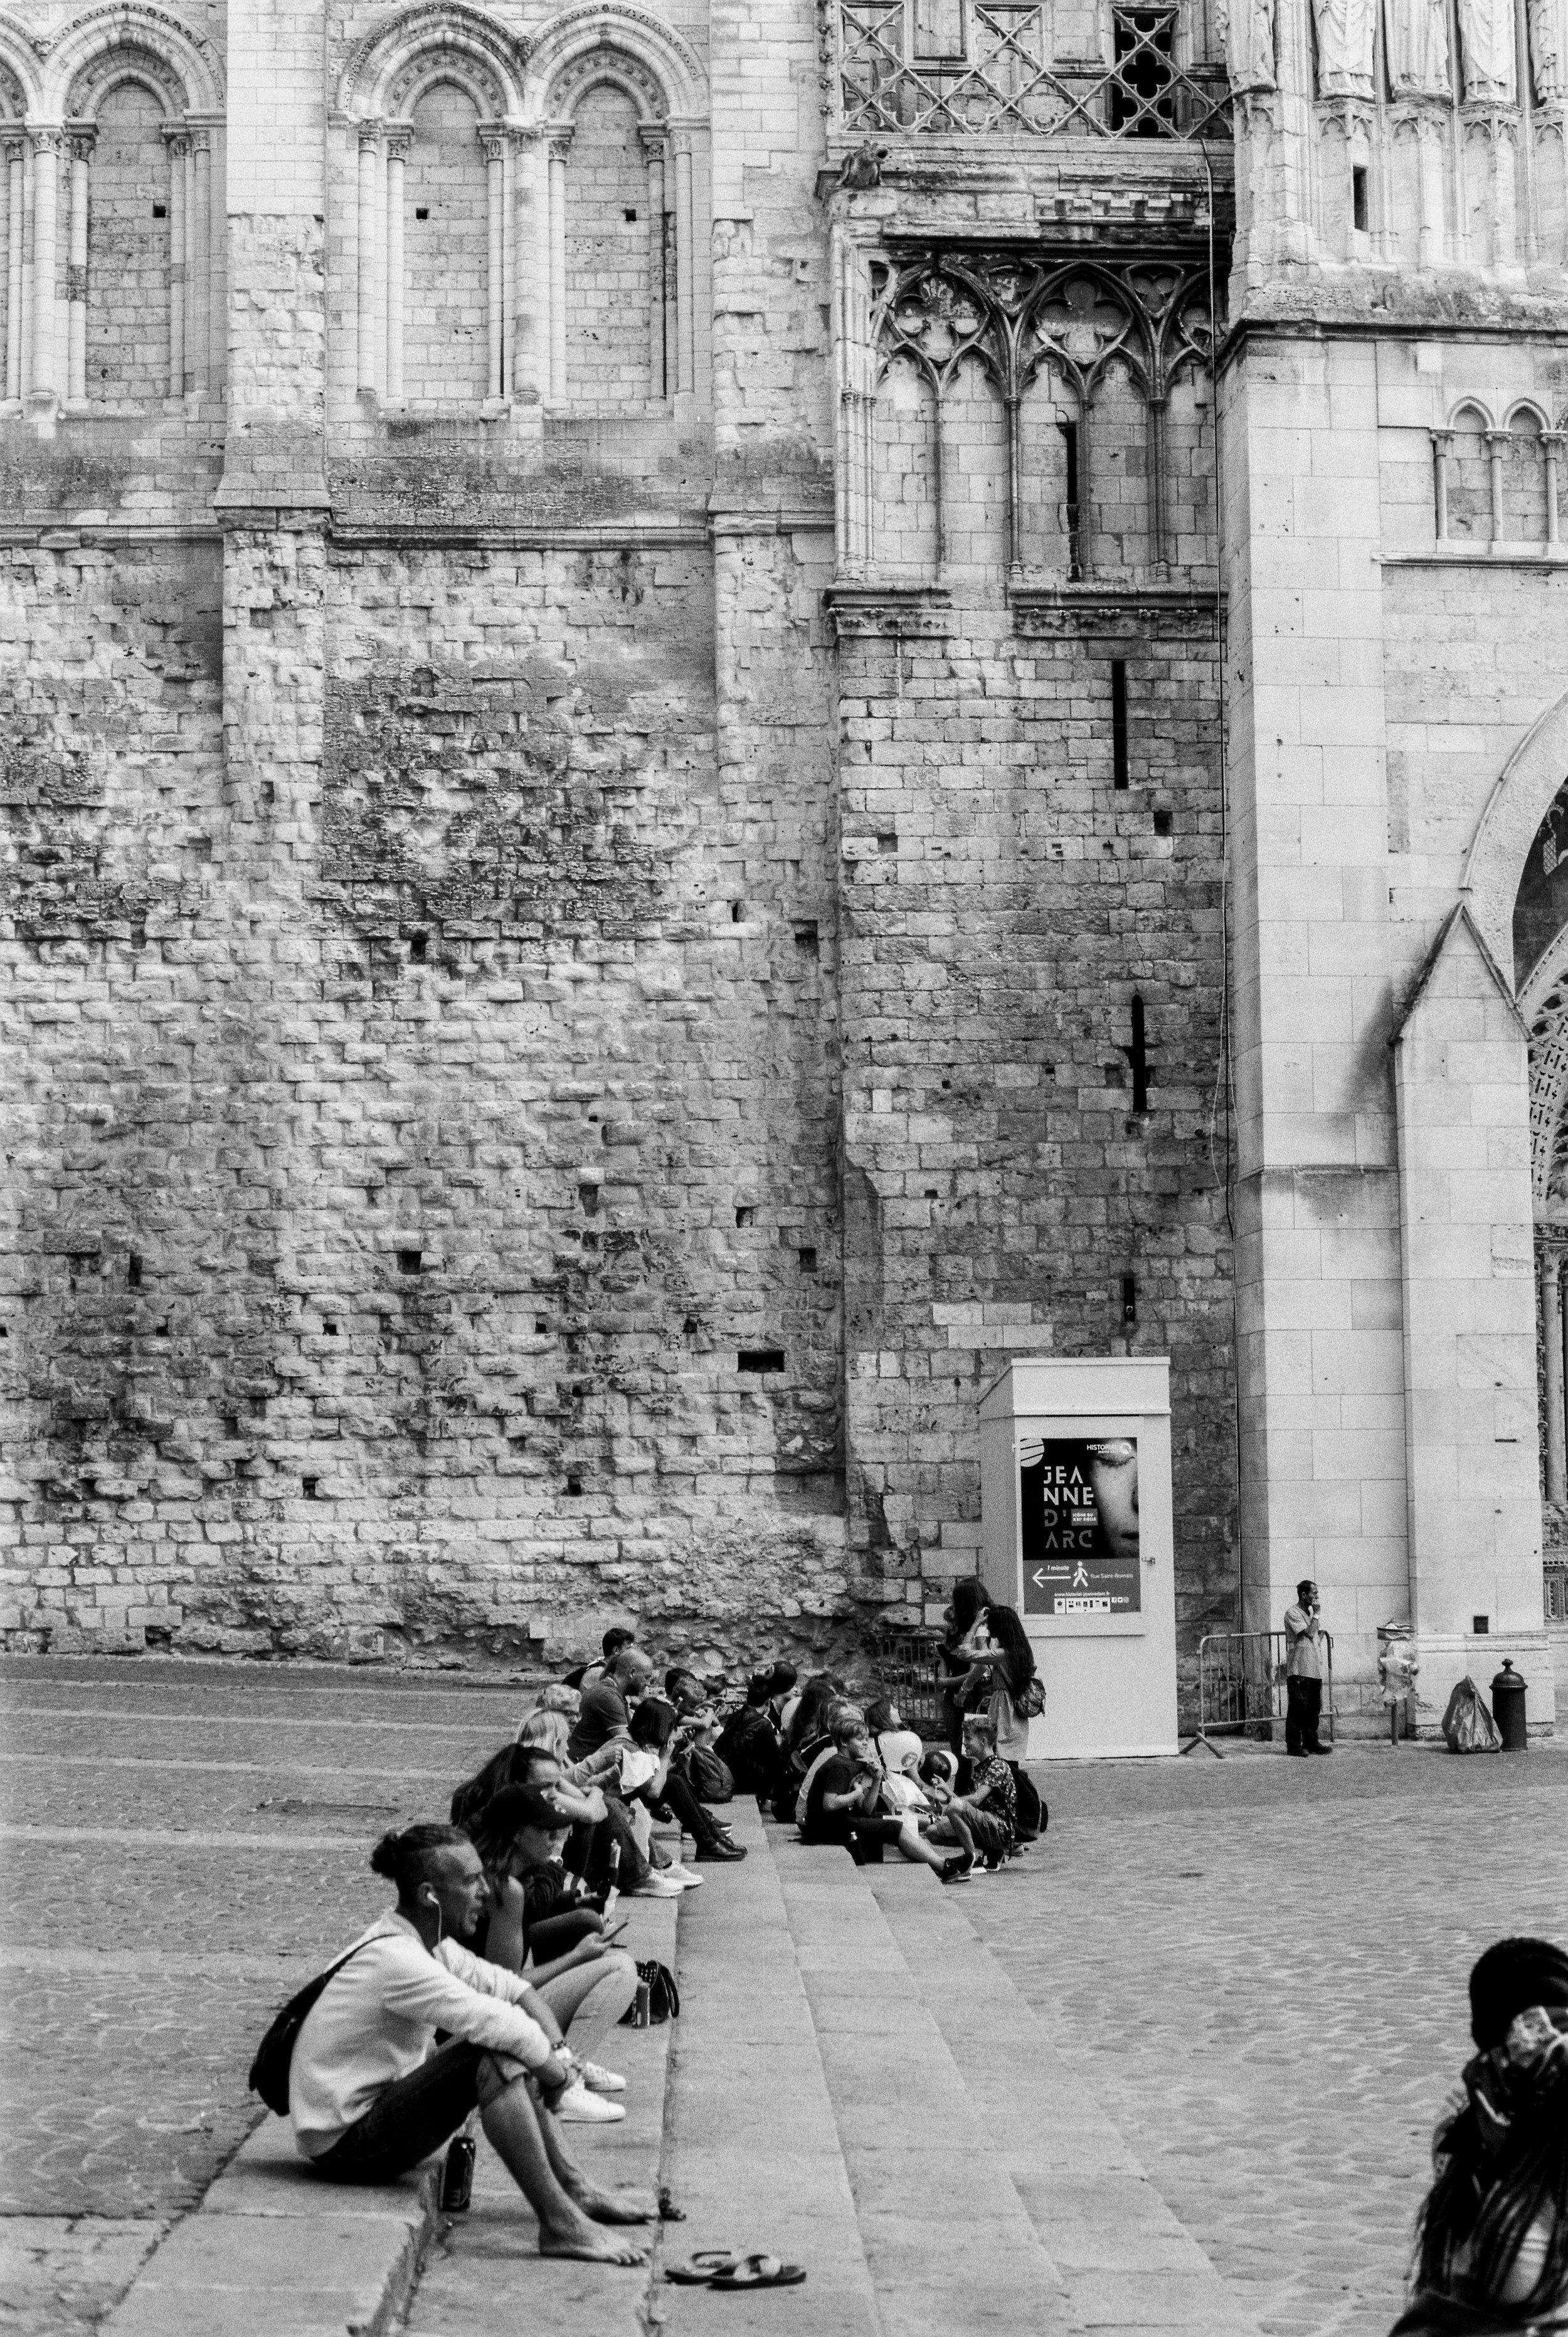 TaraShupe_NormandyFrance_MinoltaFilm_Vintage_001.jpg